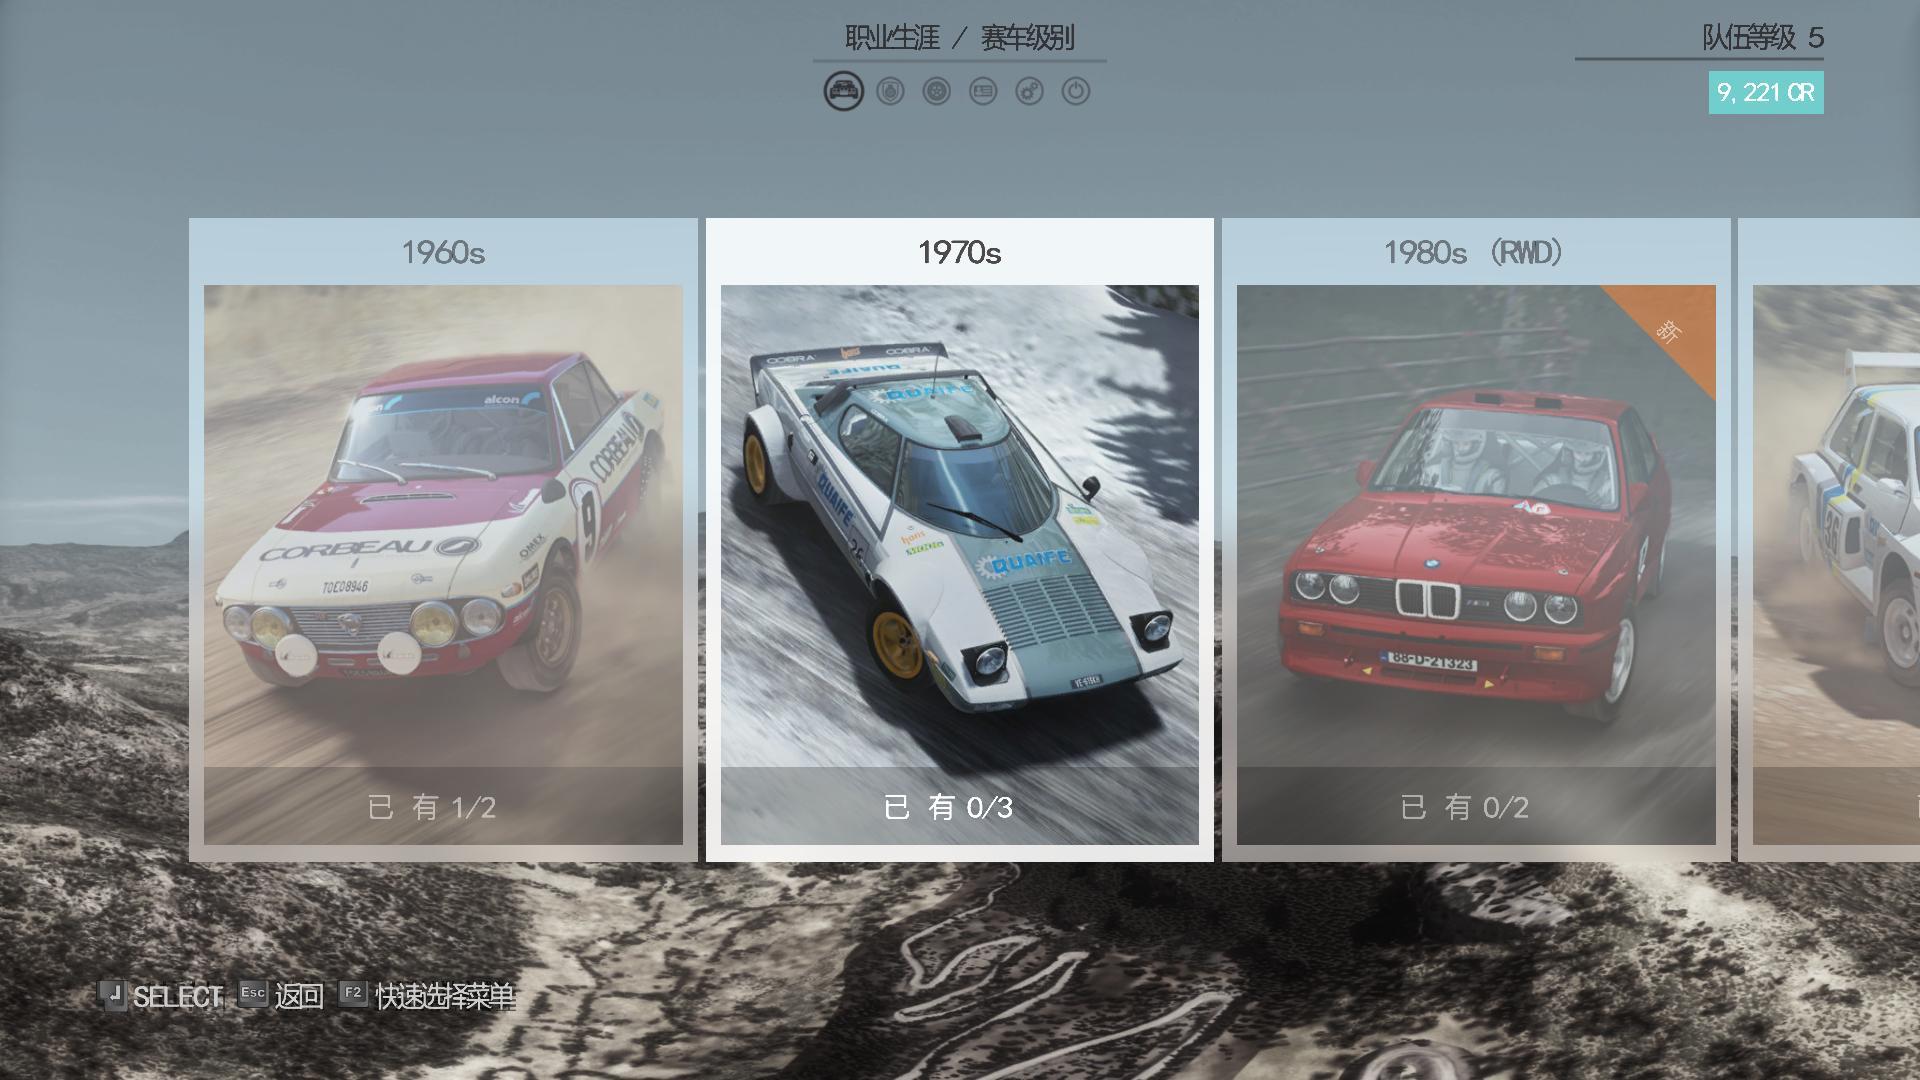 尘埃拉力赛(Dirt Rally)免安装绿色中文2.0版 DLC 升级档 网盘下载